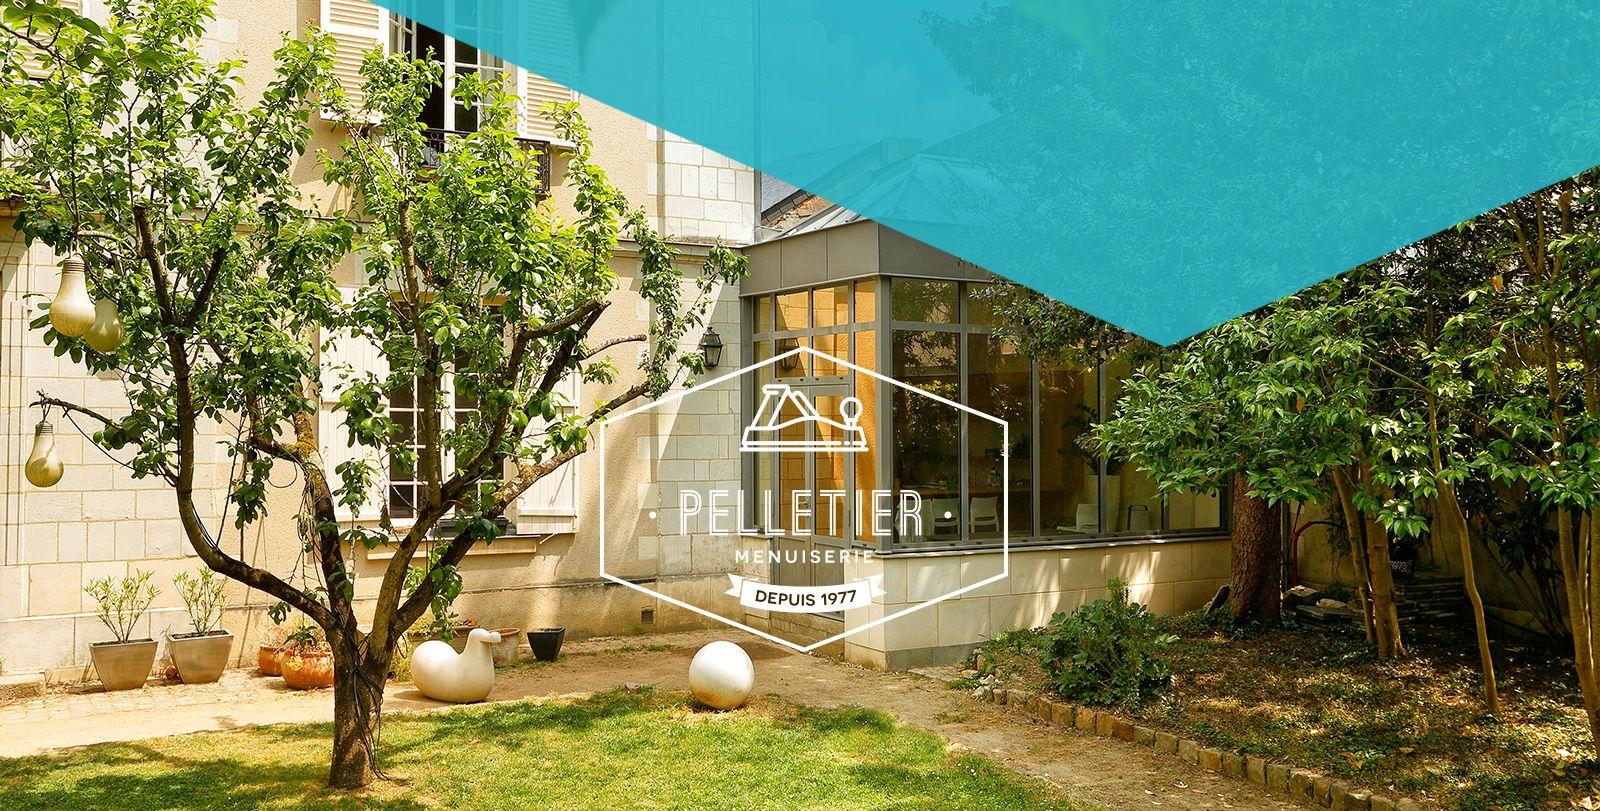 menuiserie-pelletier